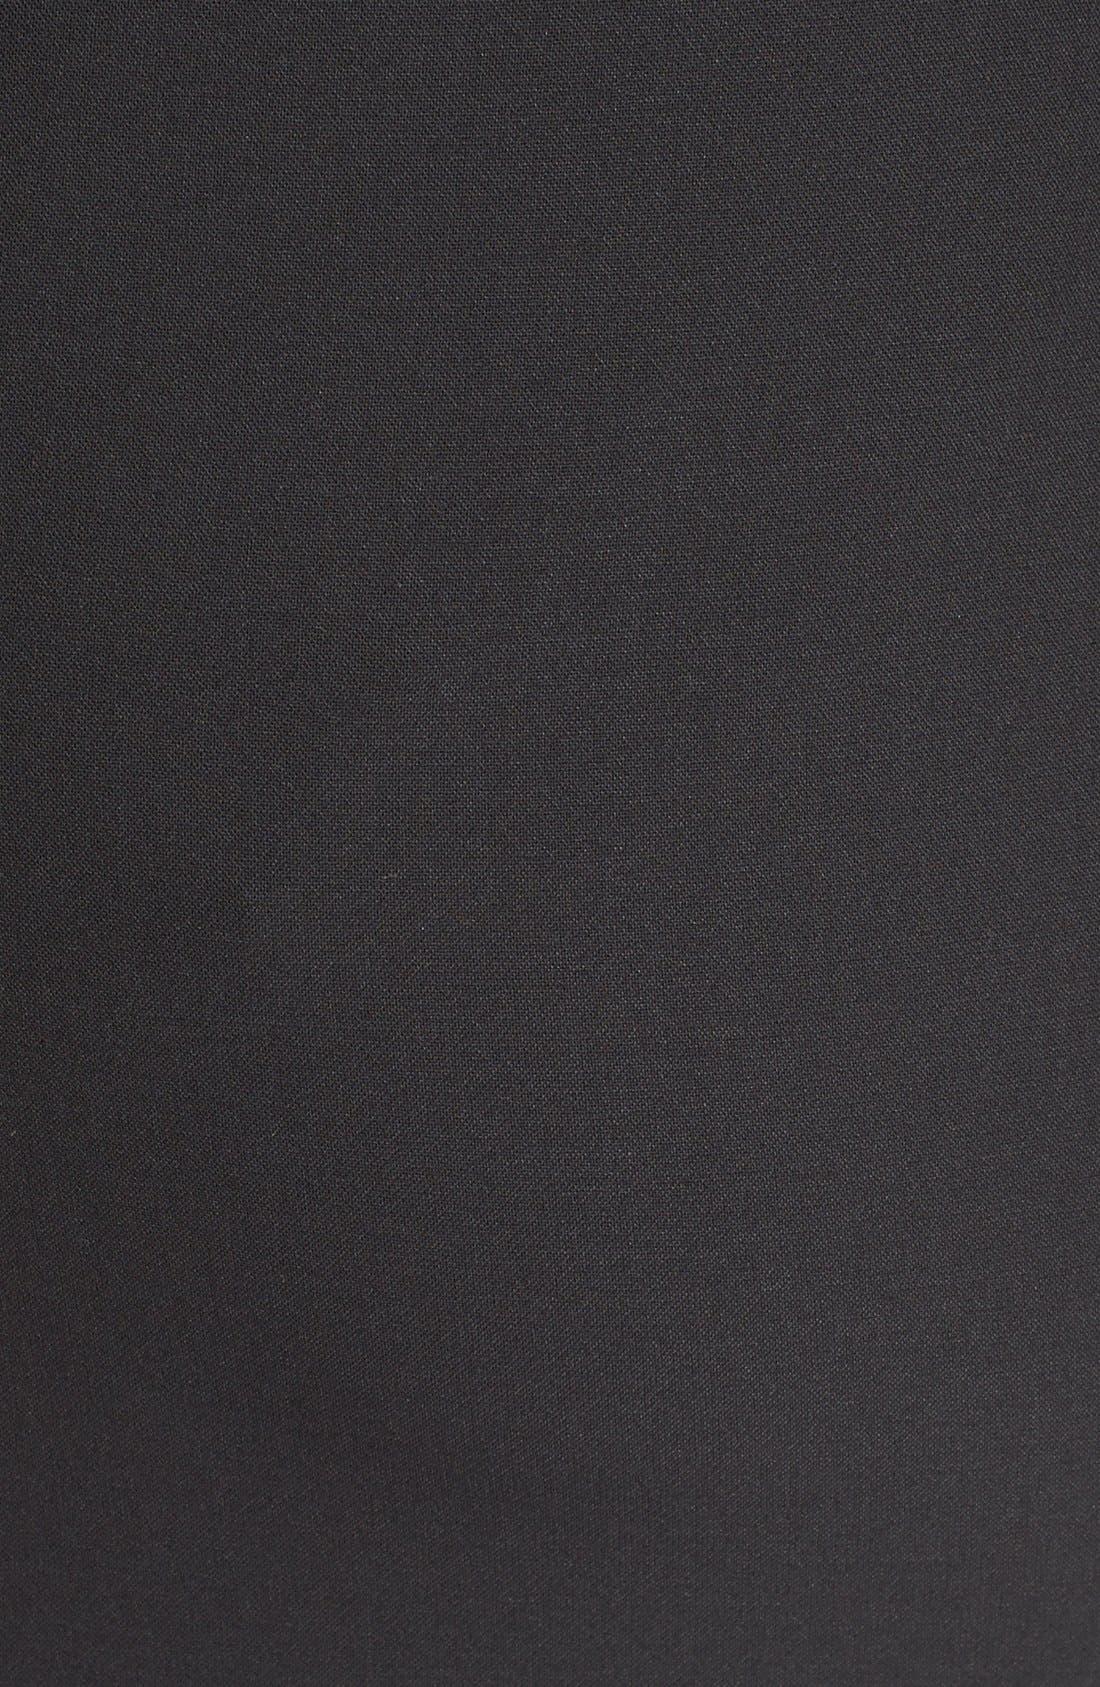 Alternate Image 3  - Diane von Furstenberg 'Samara' Pencil Skirt